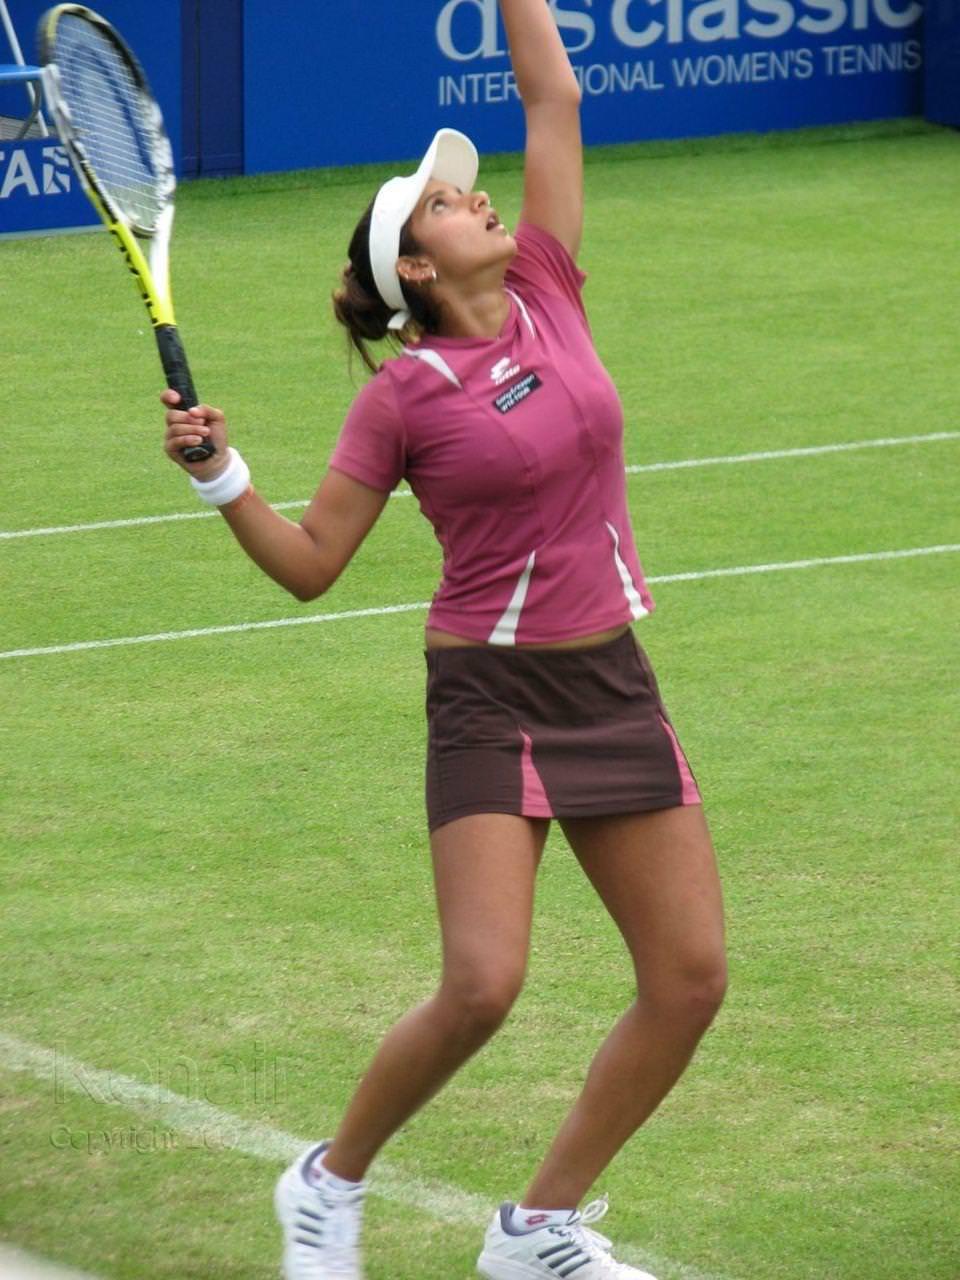 エロすぎる海外の女子テニスプレイヤー 25